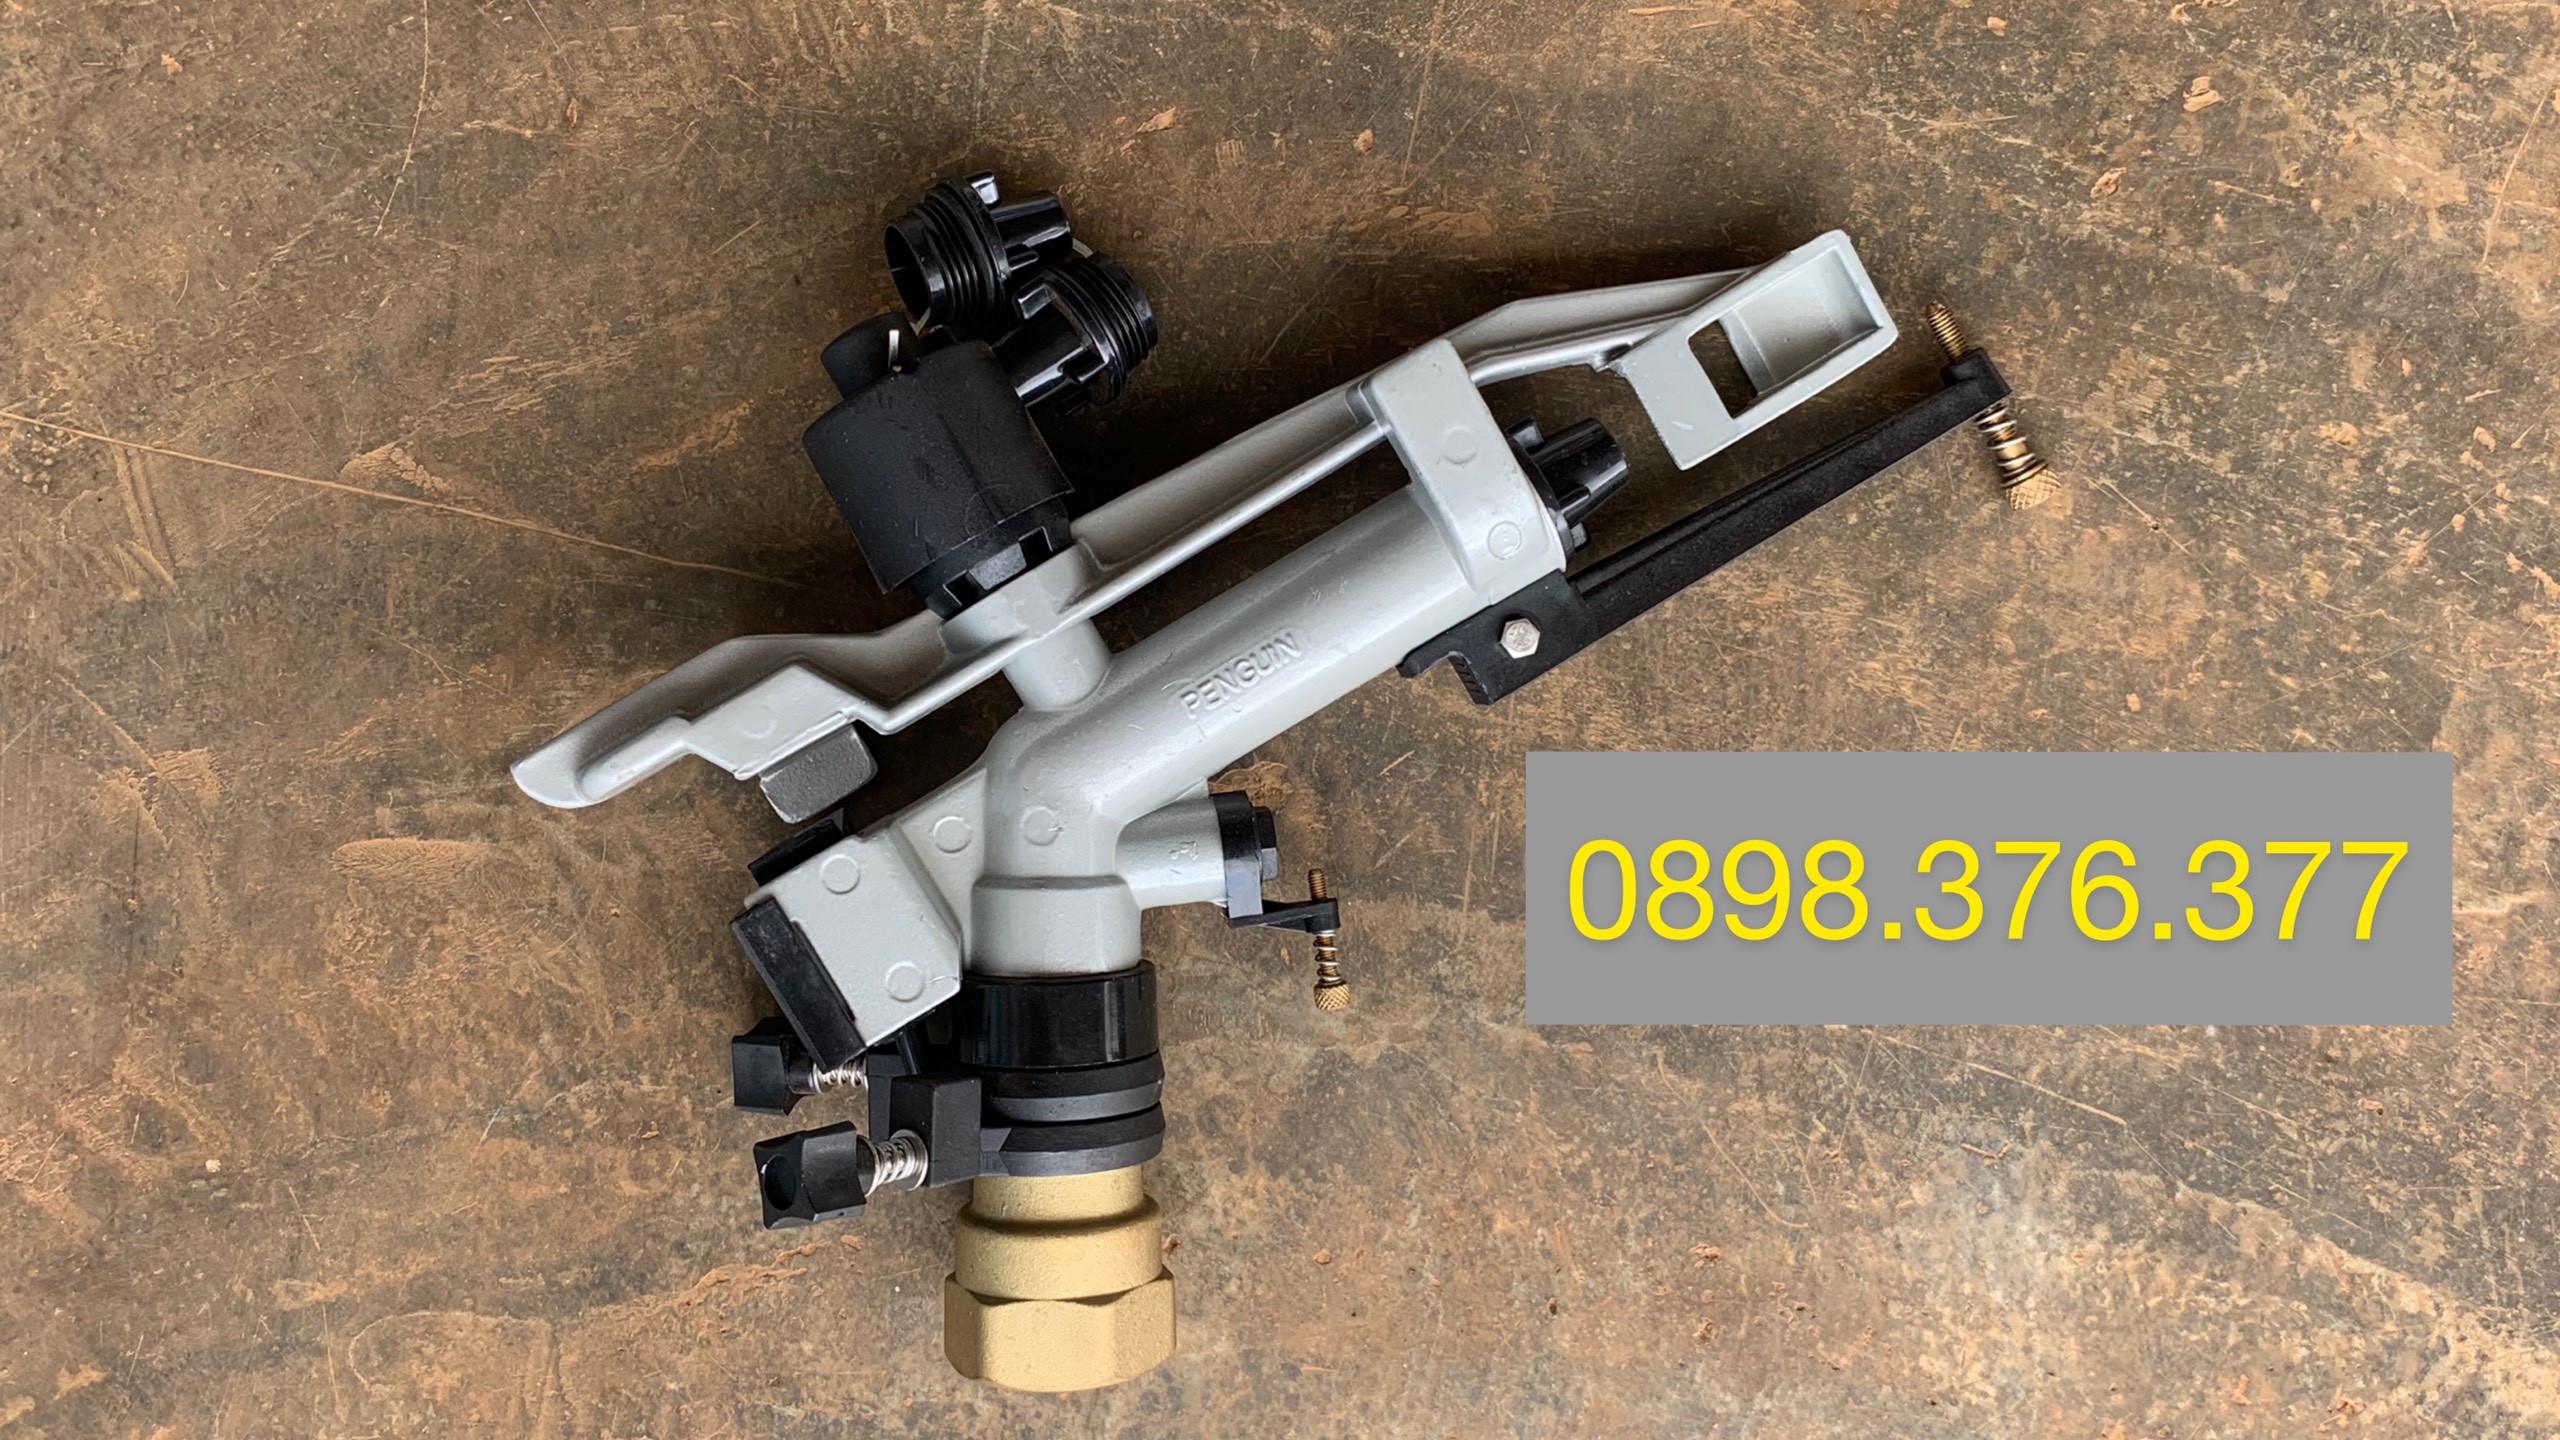 Béc AQ40 súng tưới phun mưa nhập khẩu ấn độ, bán kính phun 25 mét